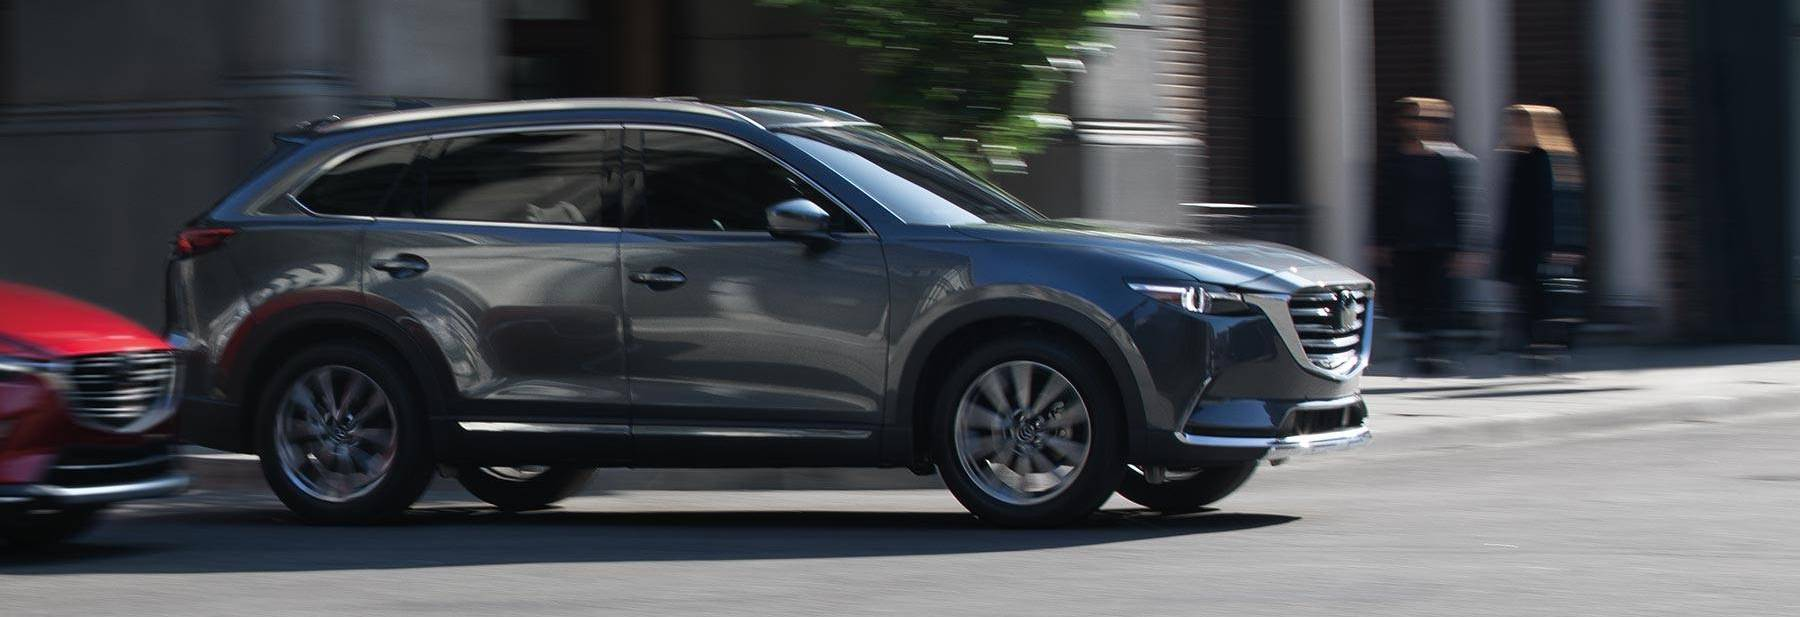 2019 Mazda CX-9 Leasing near Valley Stream, NY